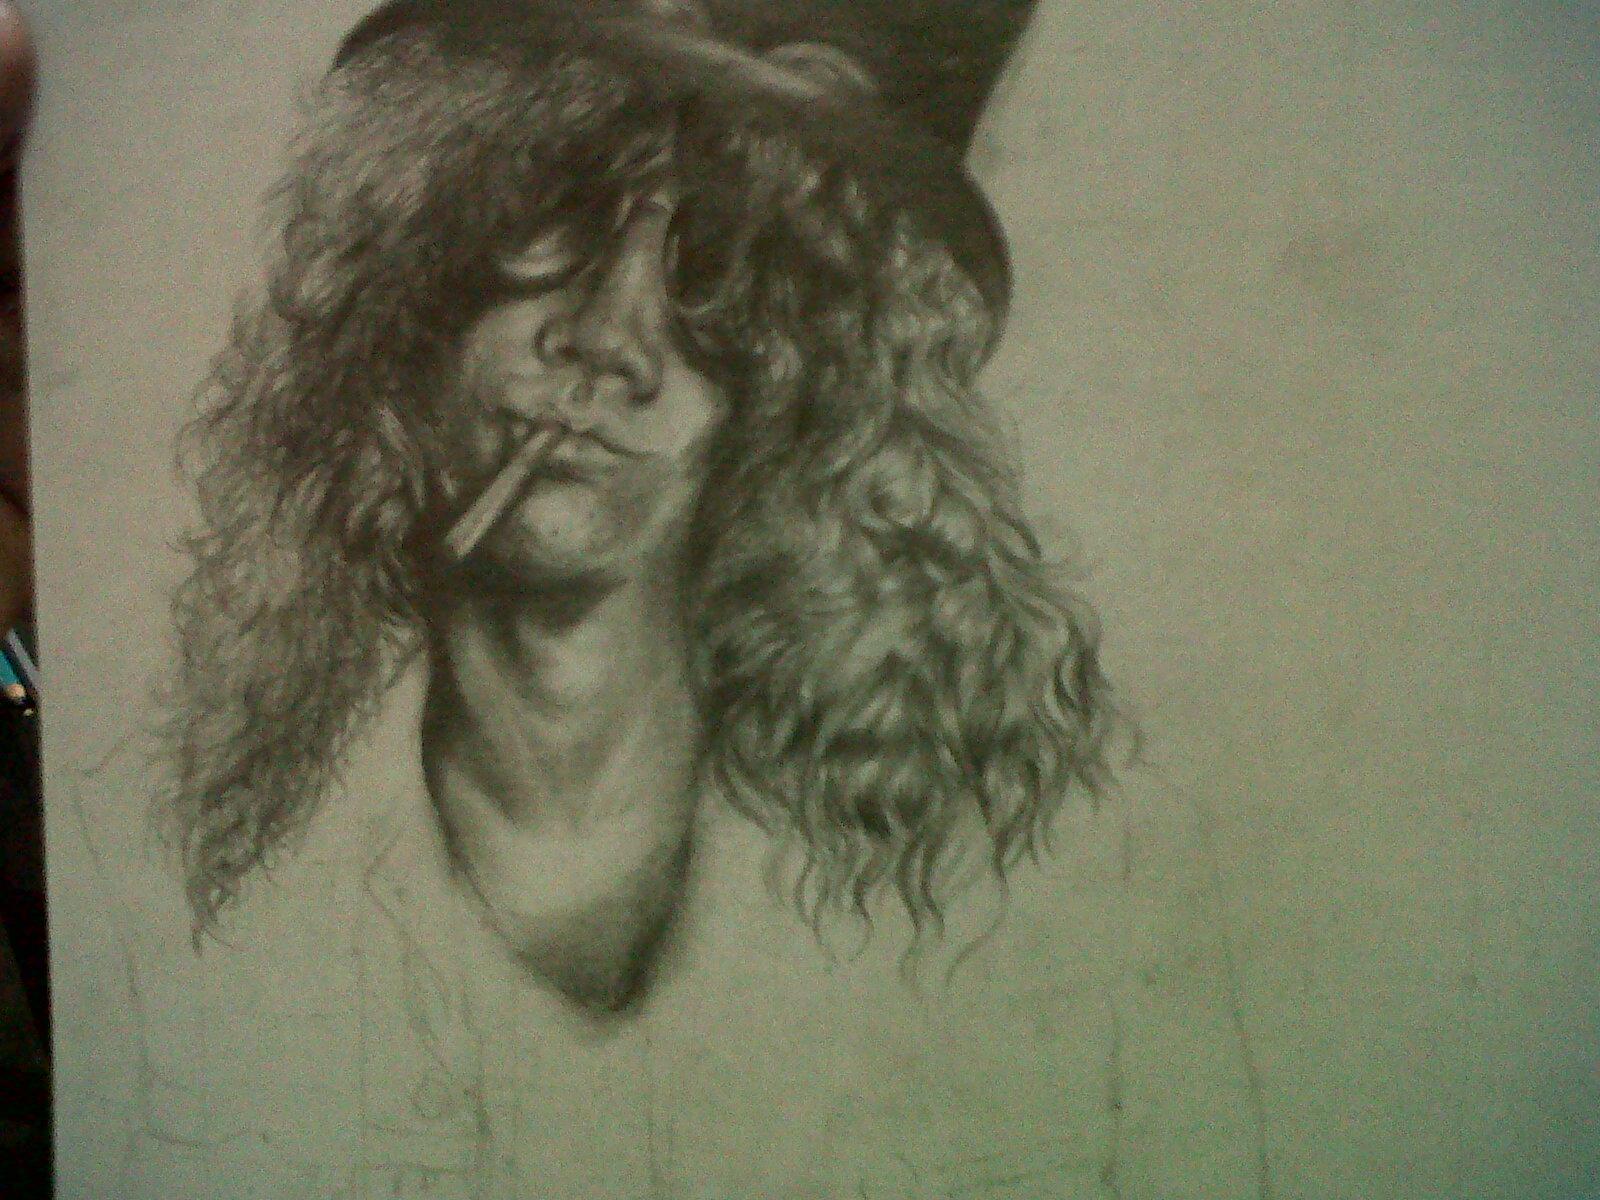 slash(dibujo propio)